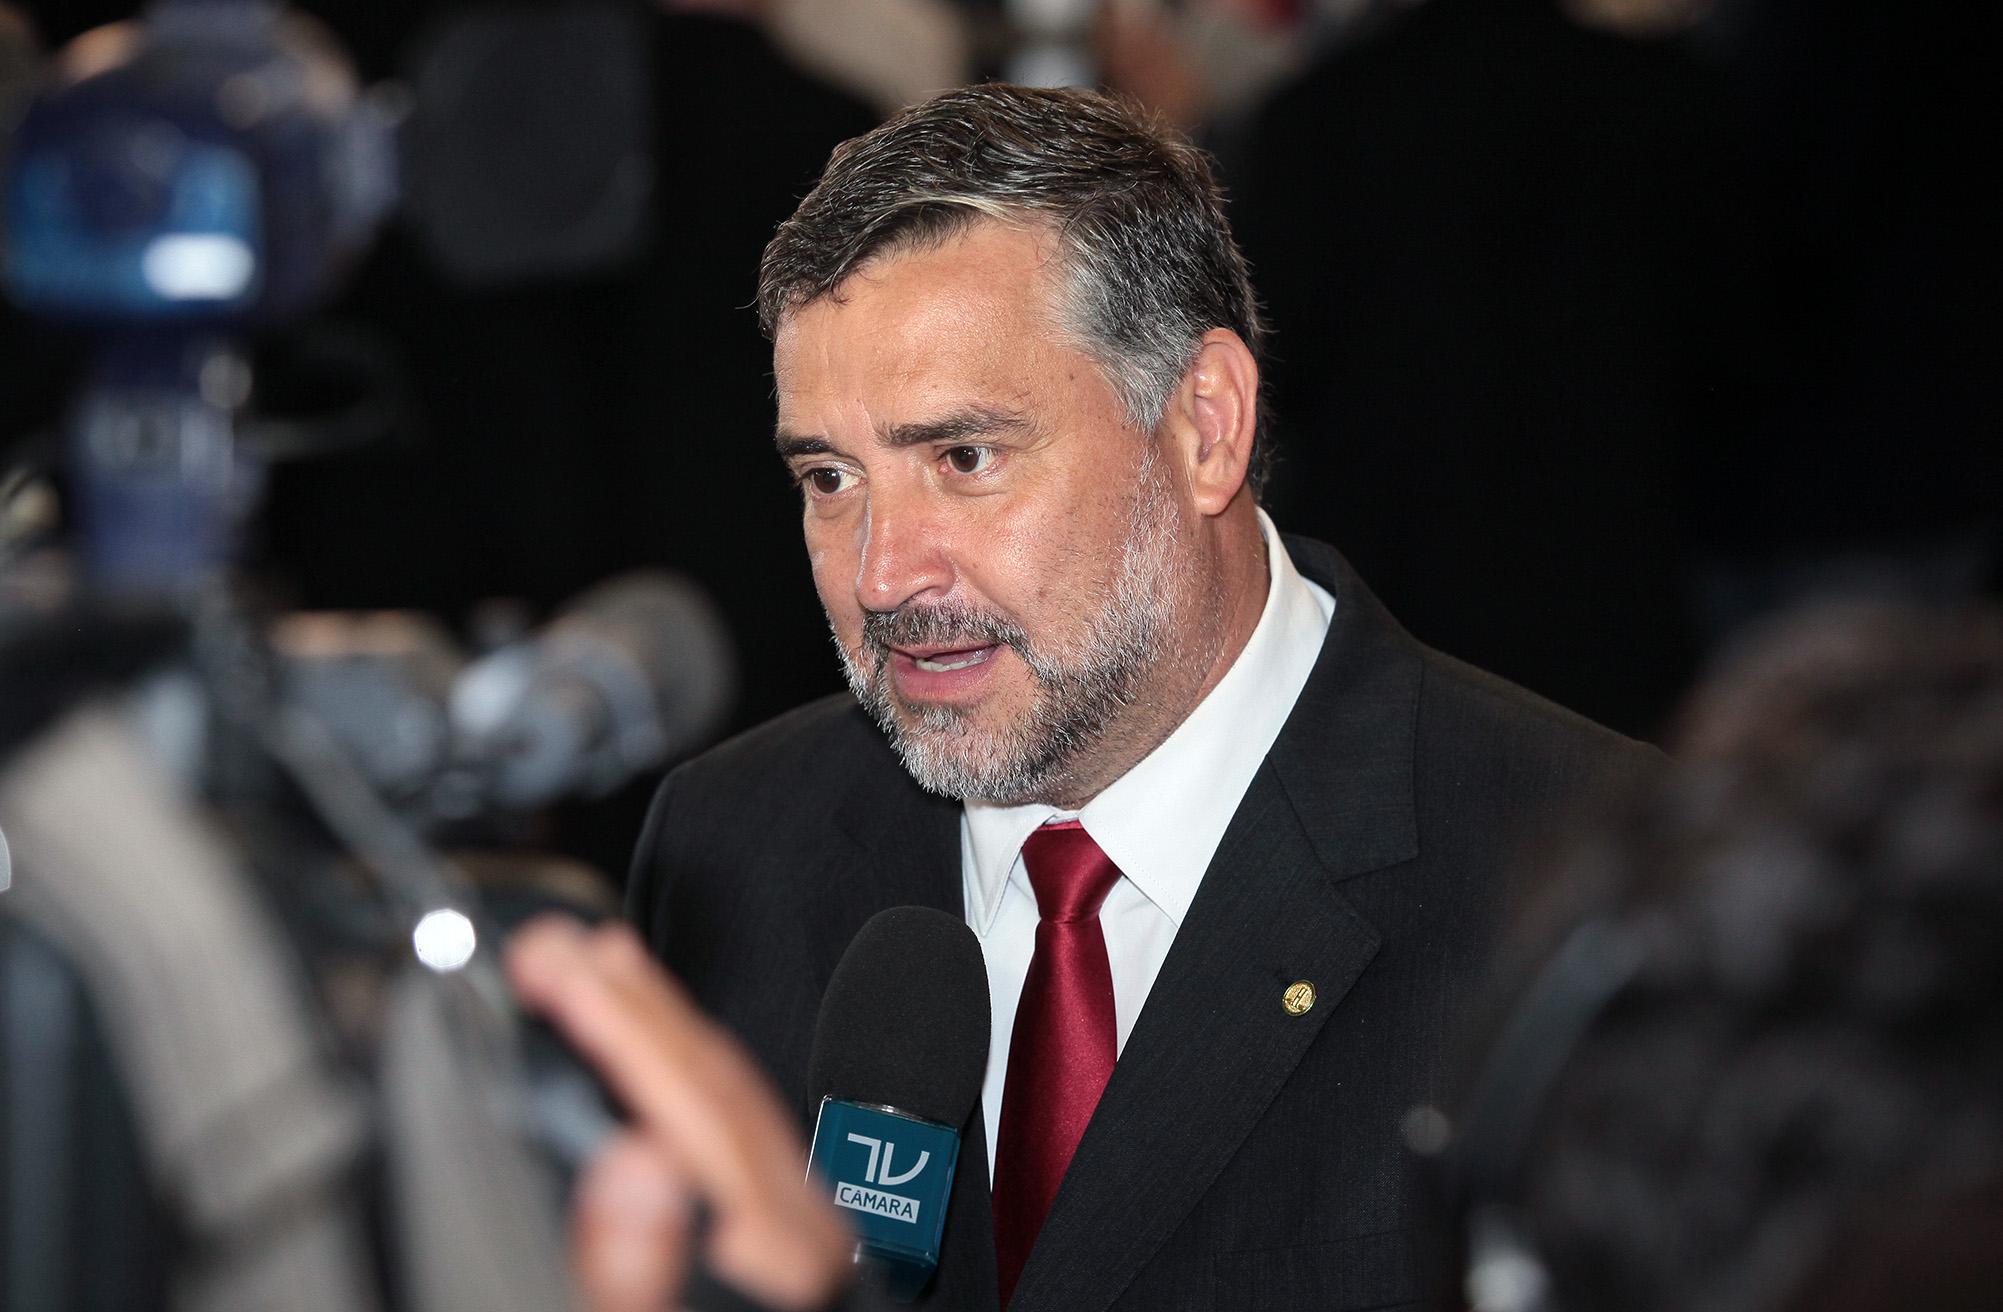 Coletiva de imprensa sobre a votação do julgamento da Presidente da República, Dilma Vana Rousseff. Dep. Paulo Pimenta (PT/RS)